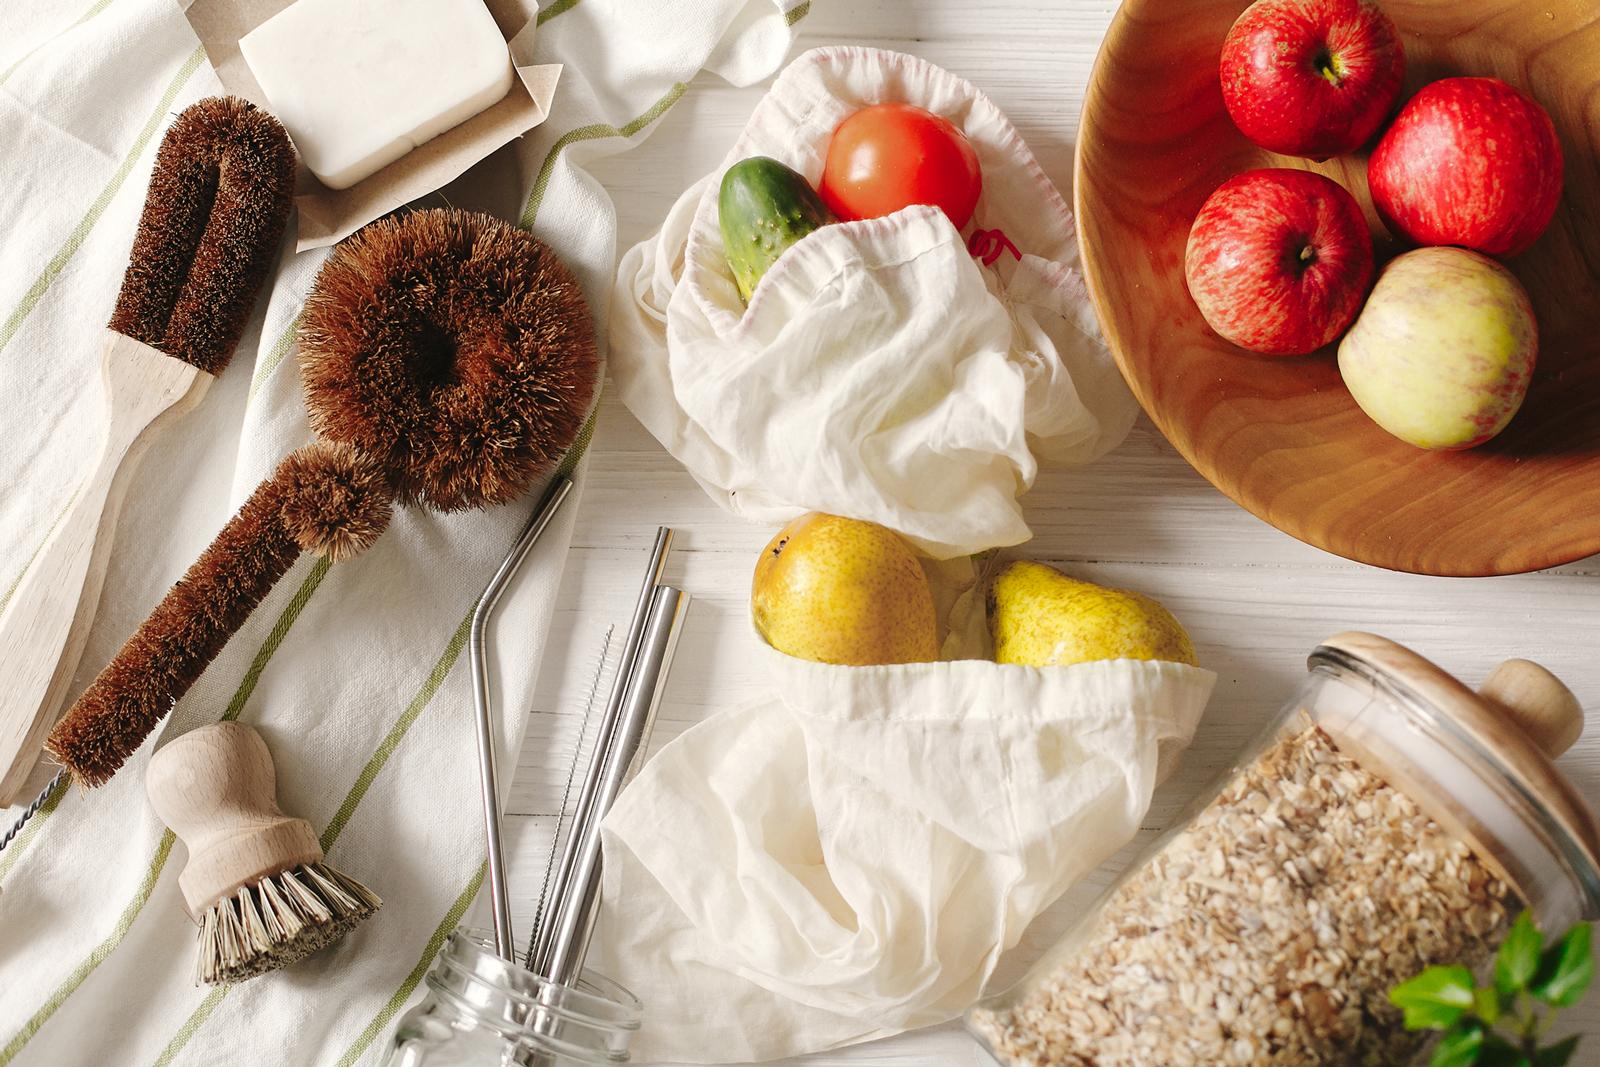 Unverpackt einkaufen: Lose Lebensmittel kannst du einfach in Stoffbeutel und Gläser füllen und aufbewahren.